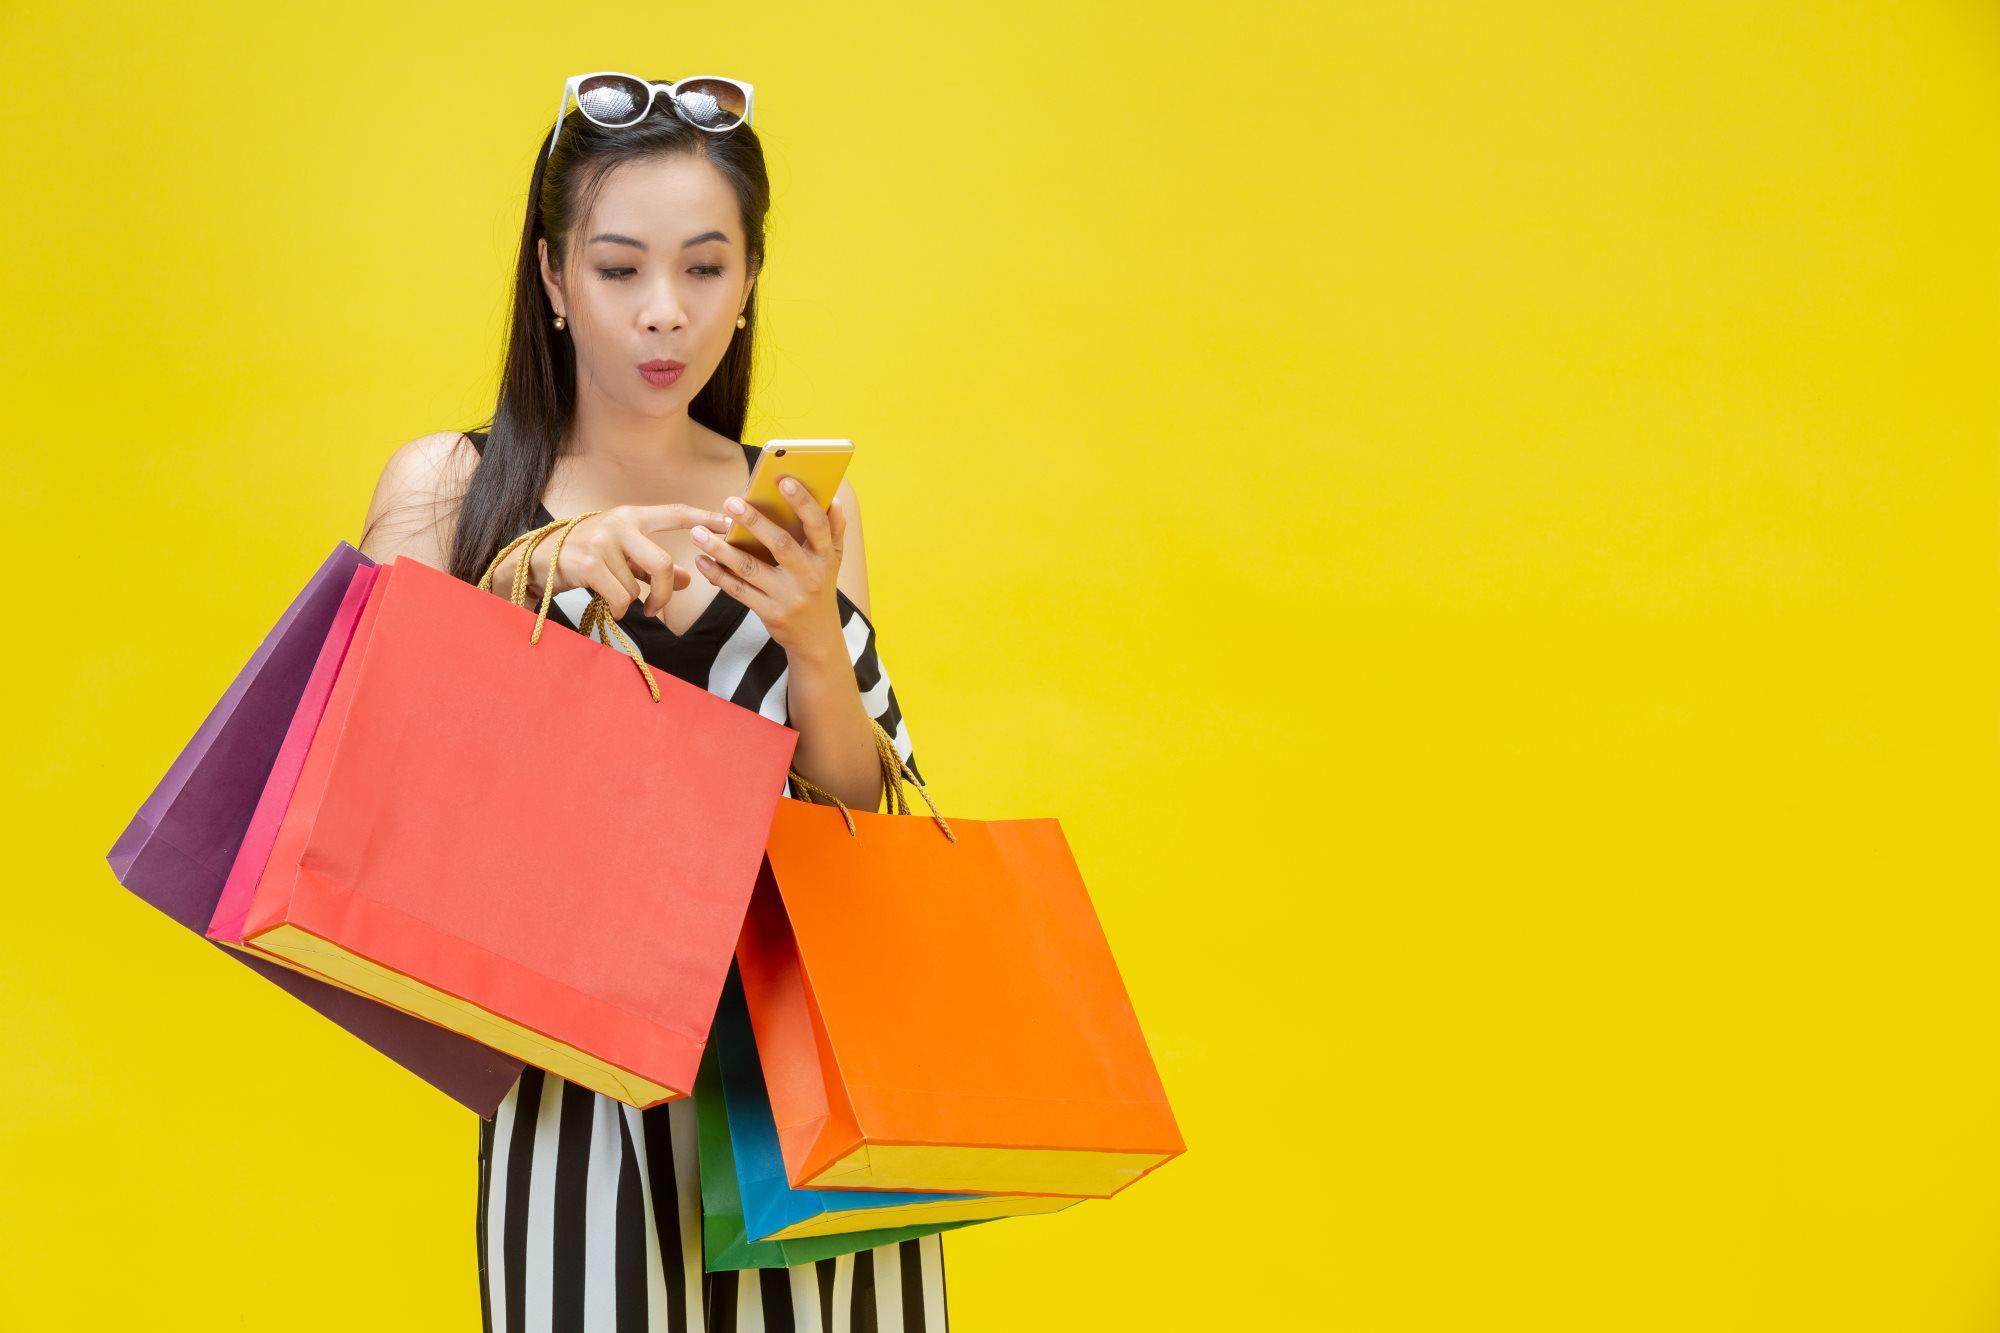 Покупки онлайн в интернет-магазине со смартфона